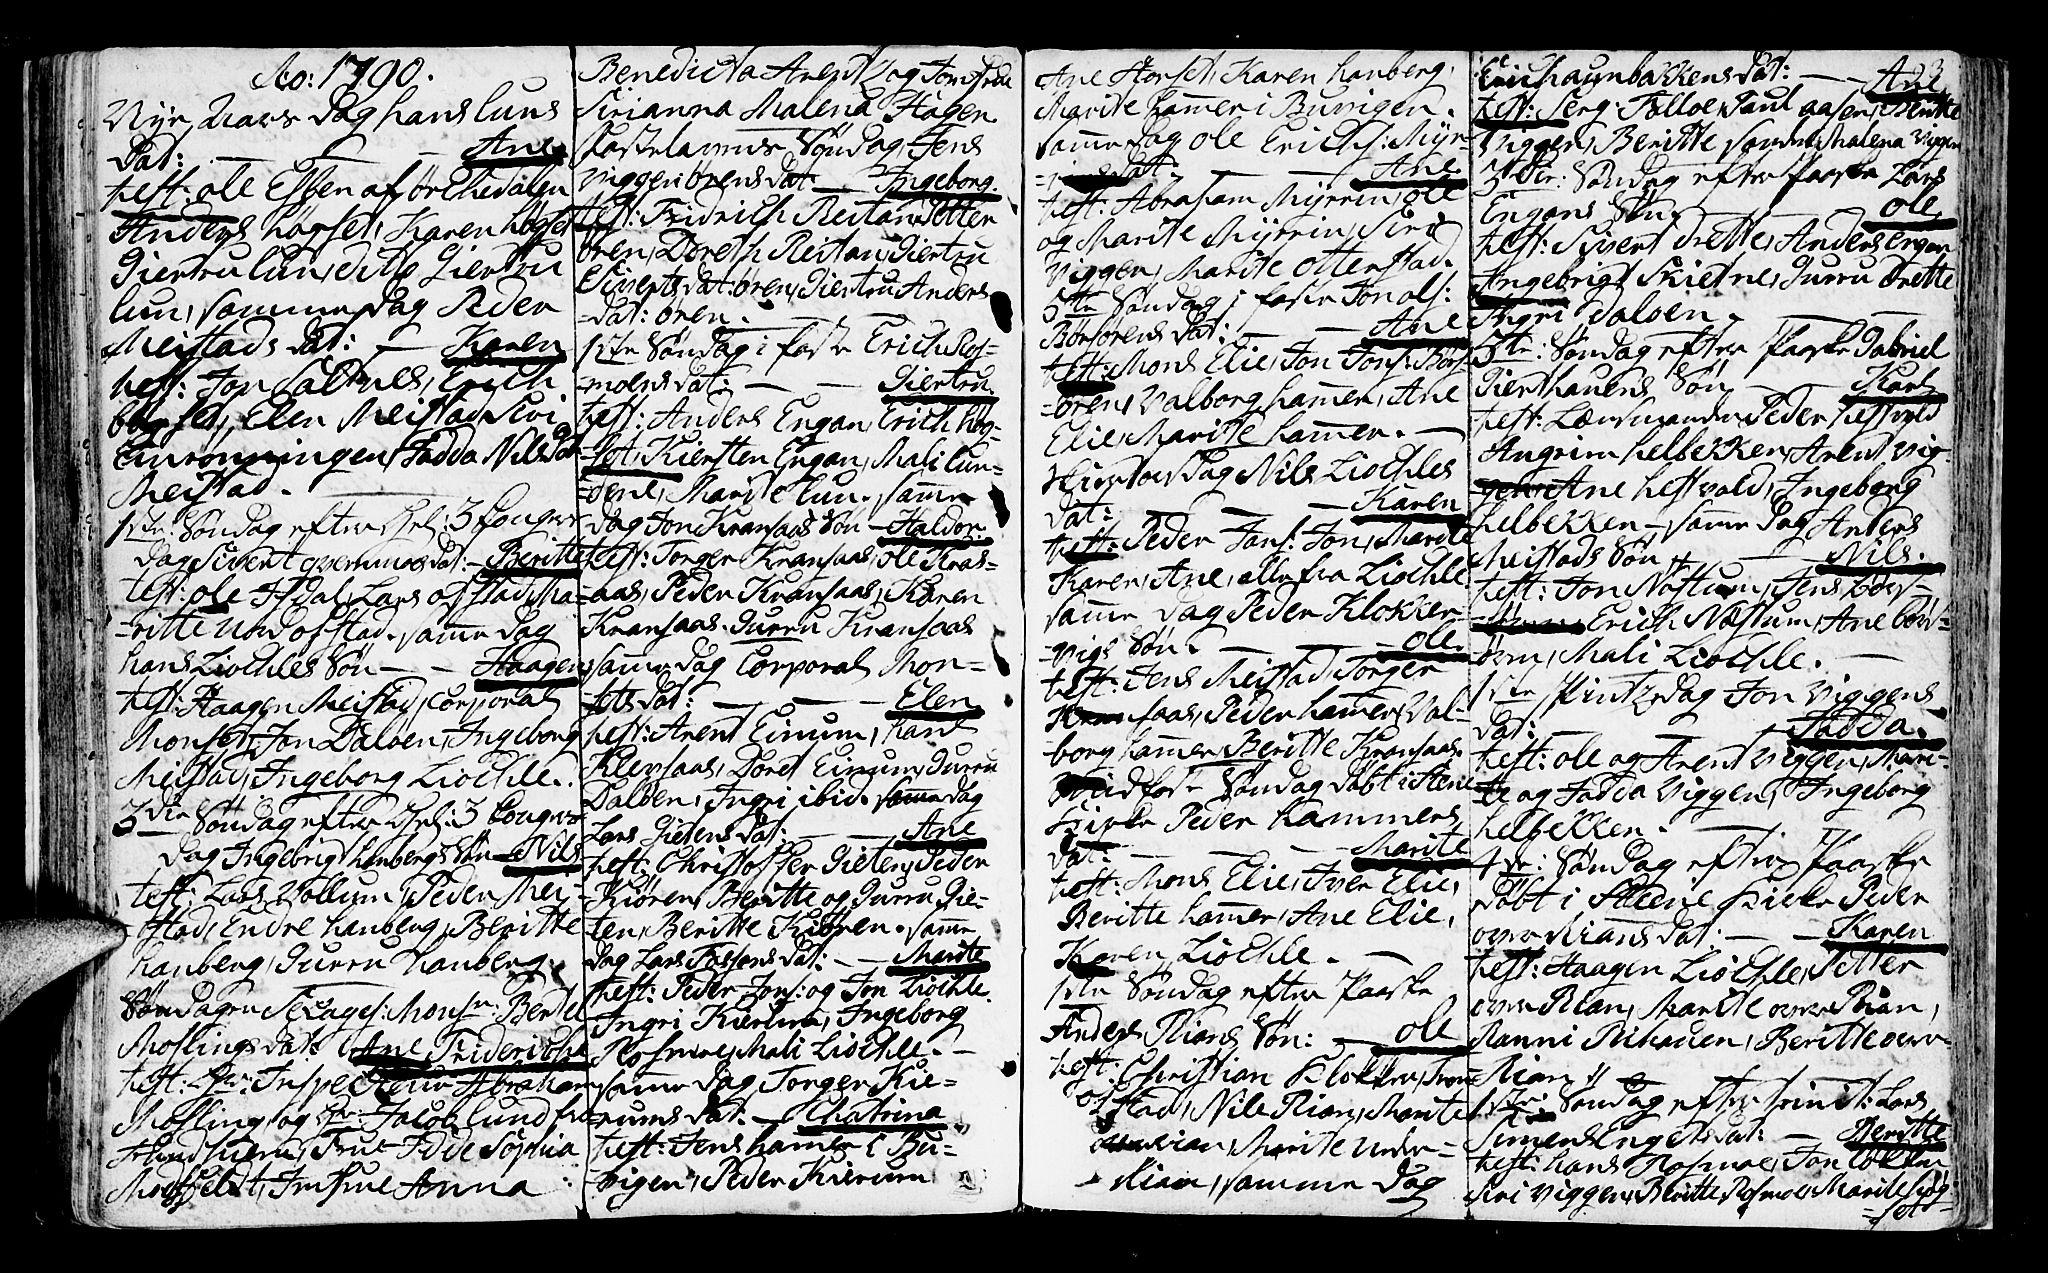 SAT, Ministerialprotokoller, klokkerbøker og fødselsregistre - Sør-Trøndelag, 665/L0768: Ministerialbok nr. 665A03, 1754-1803, s. 93